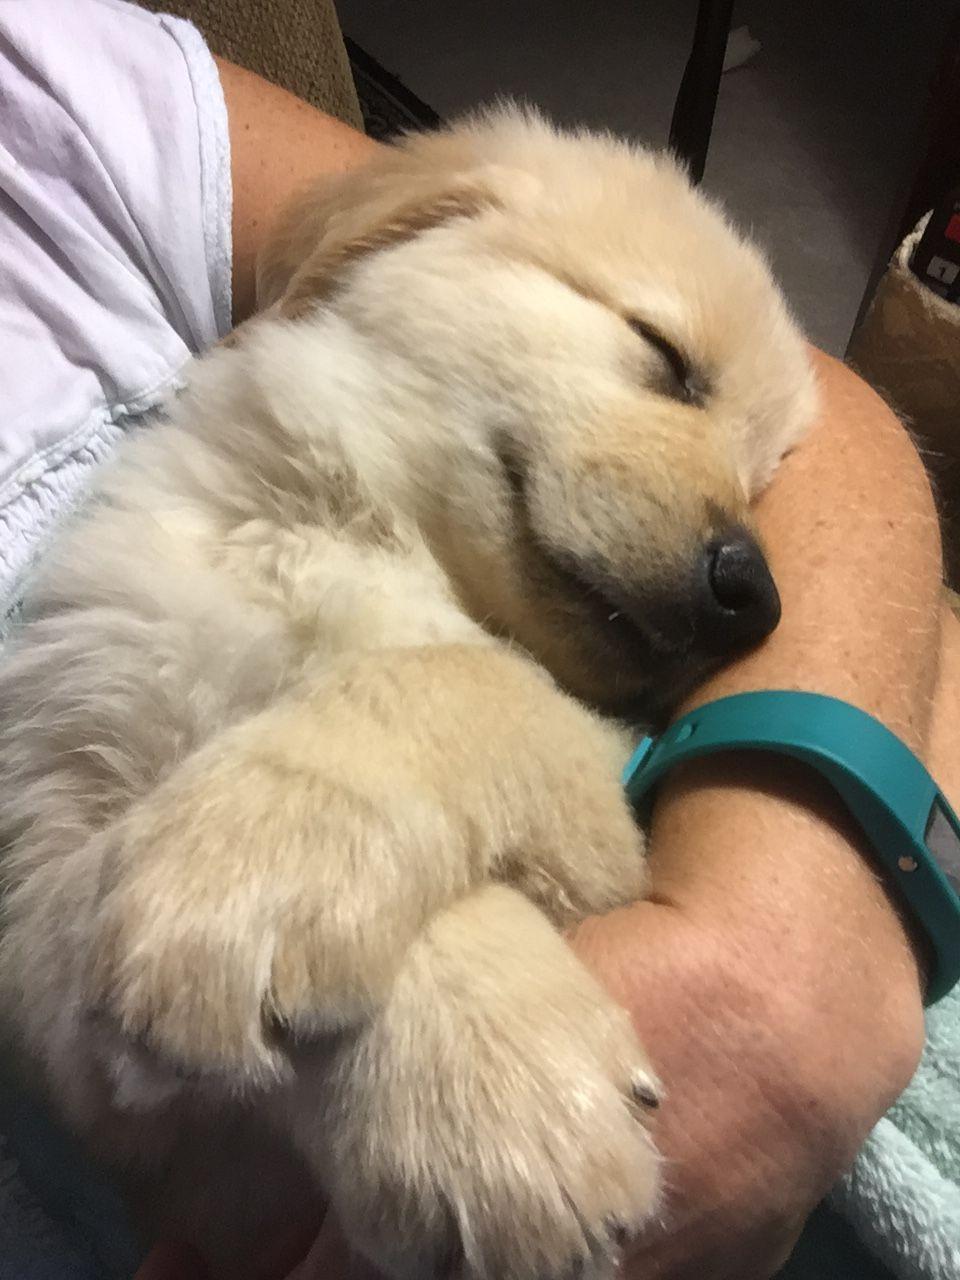 Sleeping Golden Retriever Puppy Bestdogbreeds Goldenretrievercute Goldenretrieverpuppy Retriever Puppy Dogs Golden Retriever Puppies